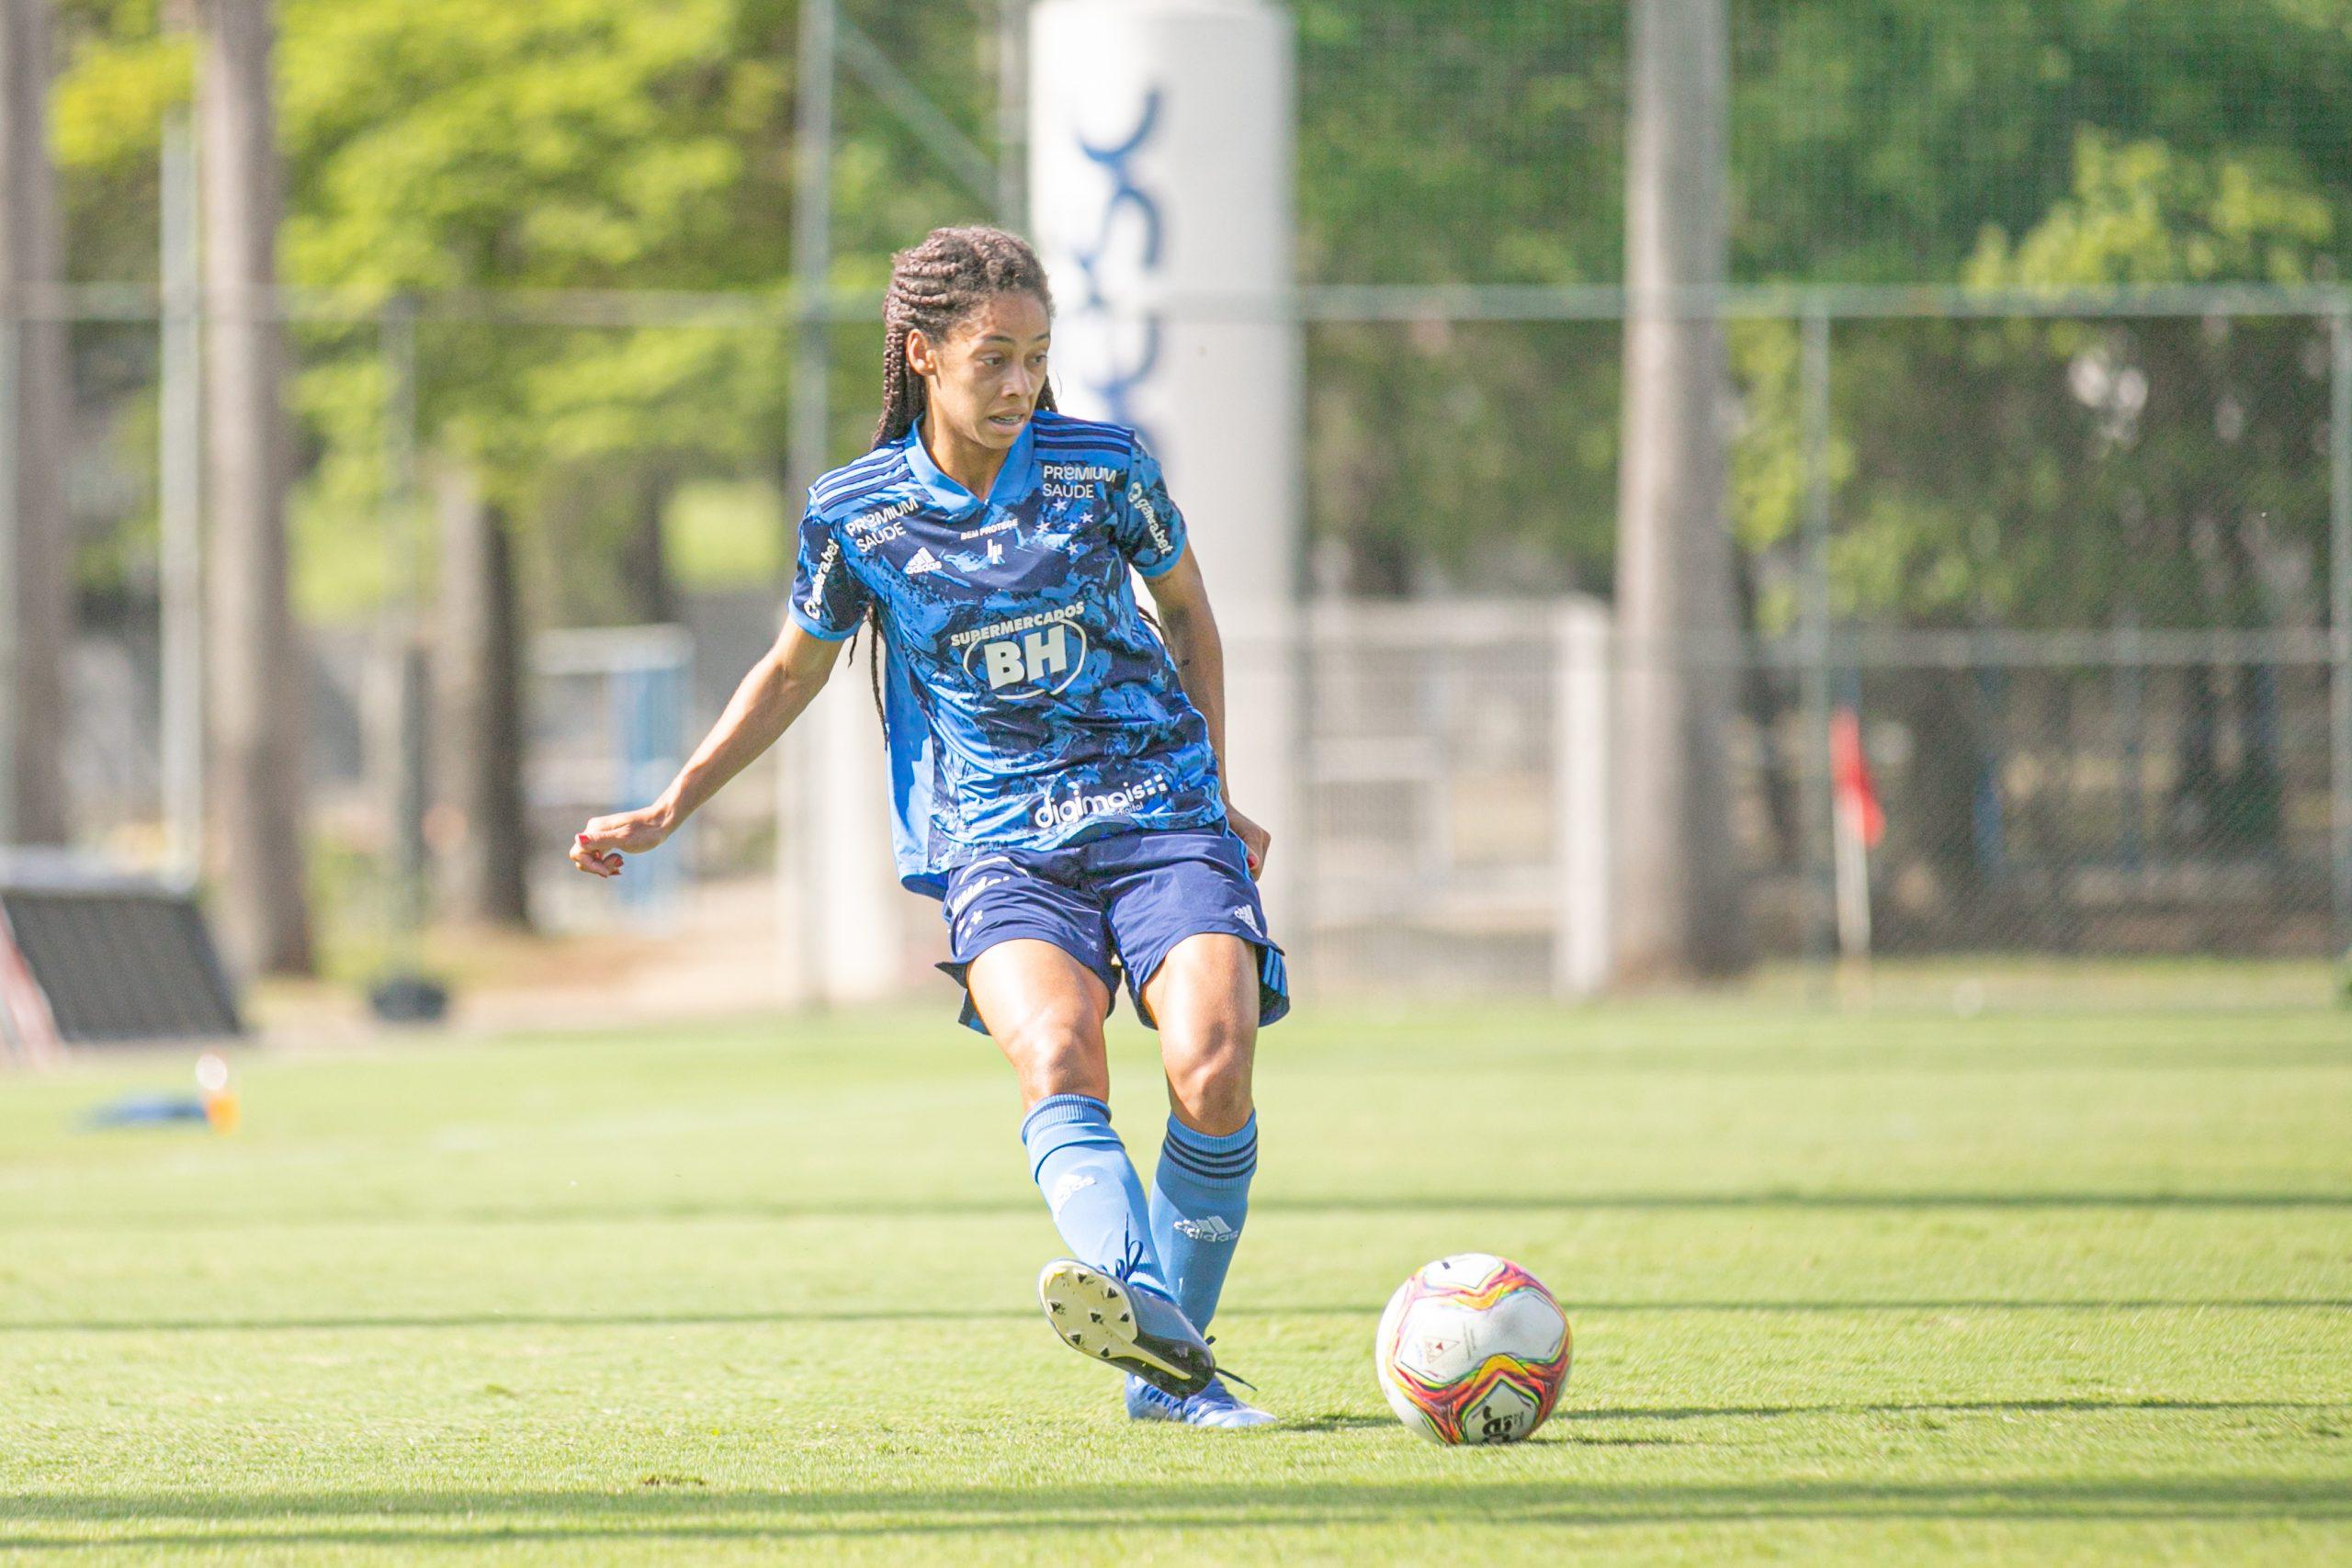 Evellyn Cruzeiro